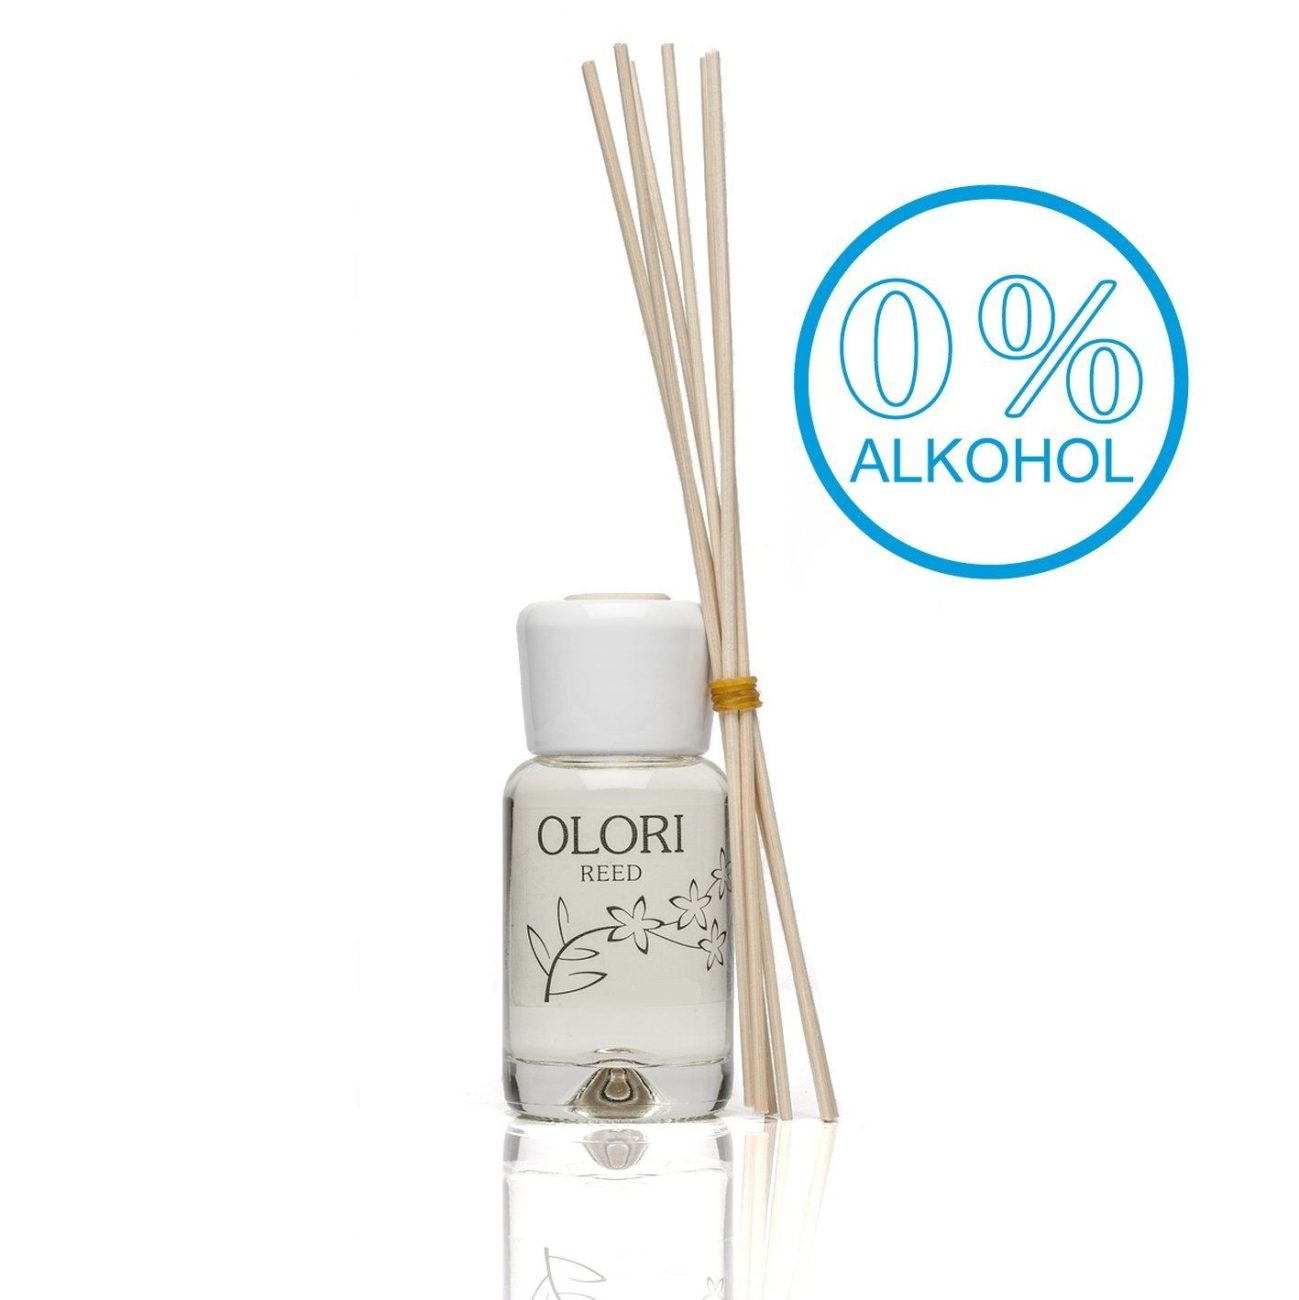 Olori Aroma difuzér bez alkoholu PRŮZRAČNÁ VODA 100 ml